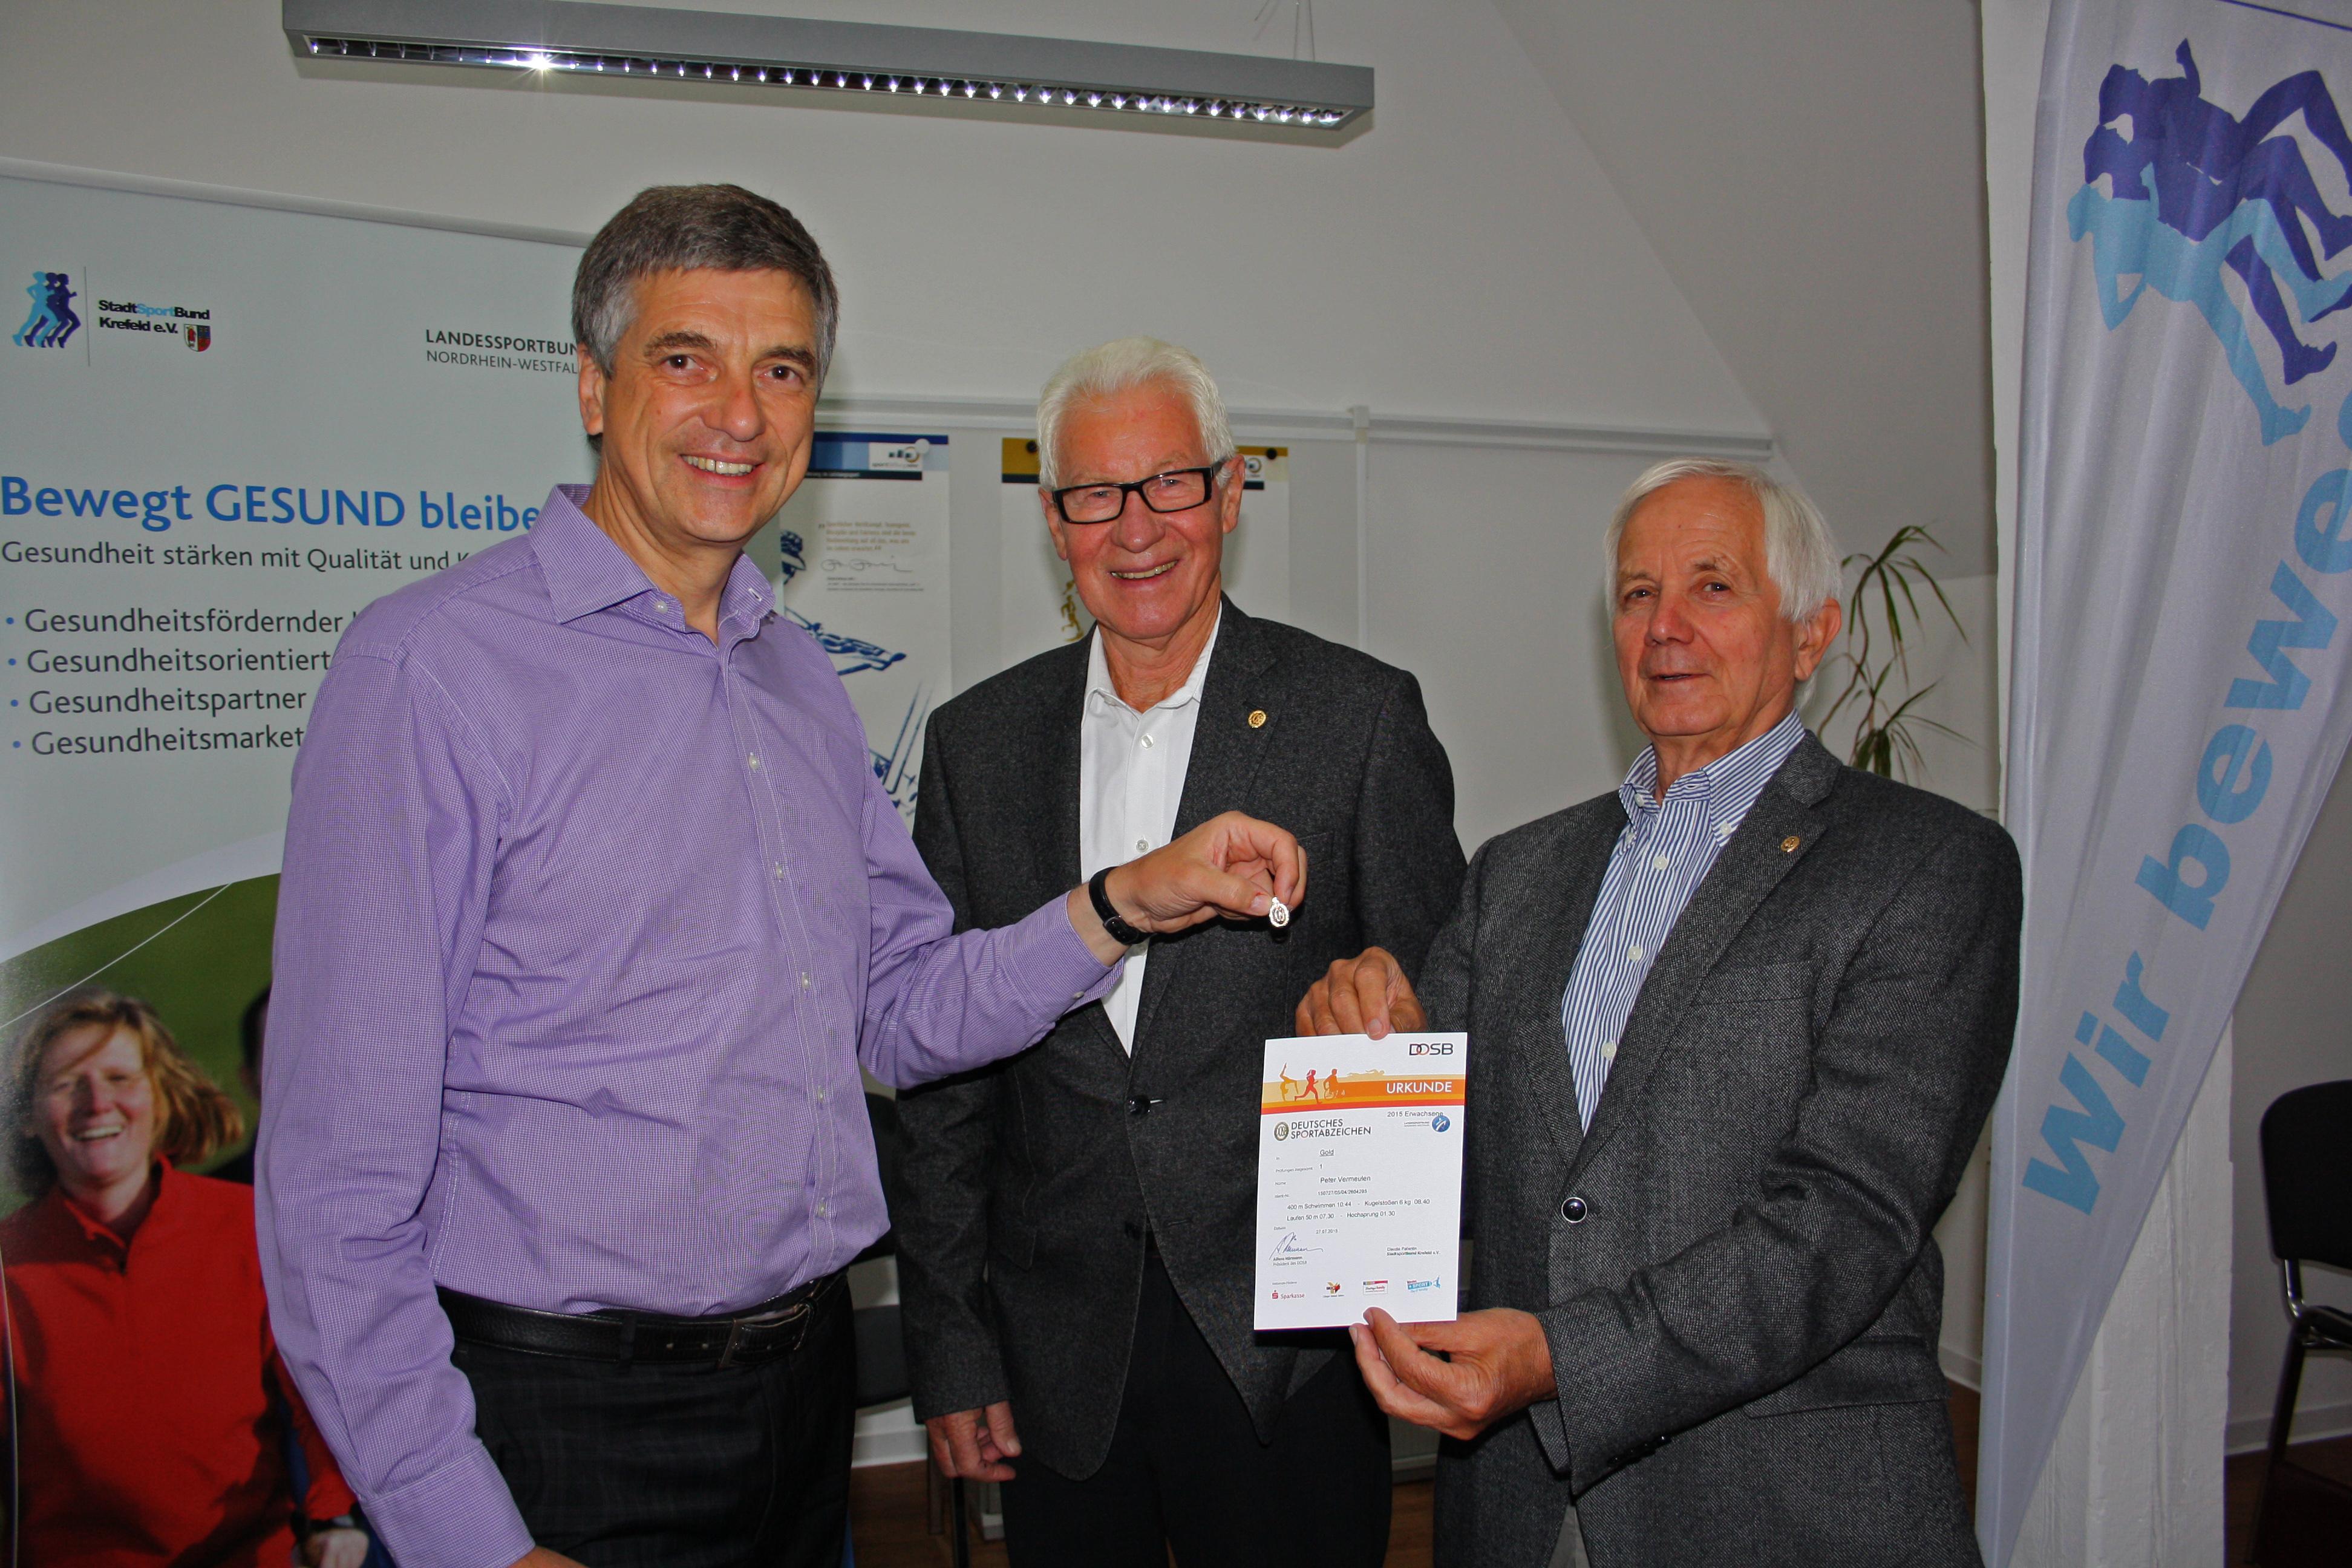 v.l. CDU-Oberbürgermeister-Kandidaten Peter Vermeulen, Dieter Hofmann und Jürgen Hütter Vorsitzender bzw. Geschäftsführer des Stadtsportbundes Krefeld (Foto: CDU Krefeld)